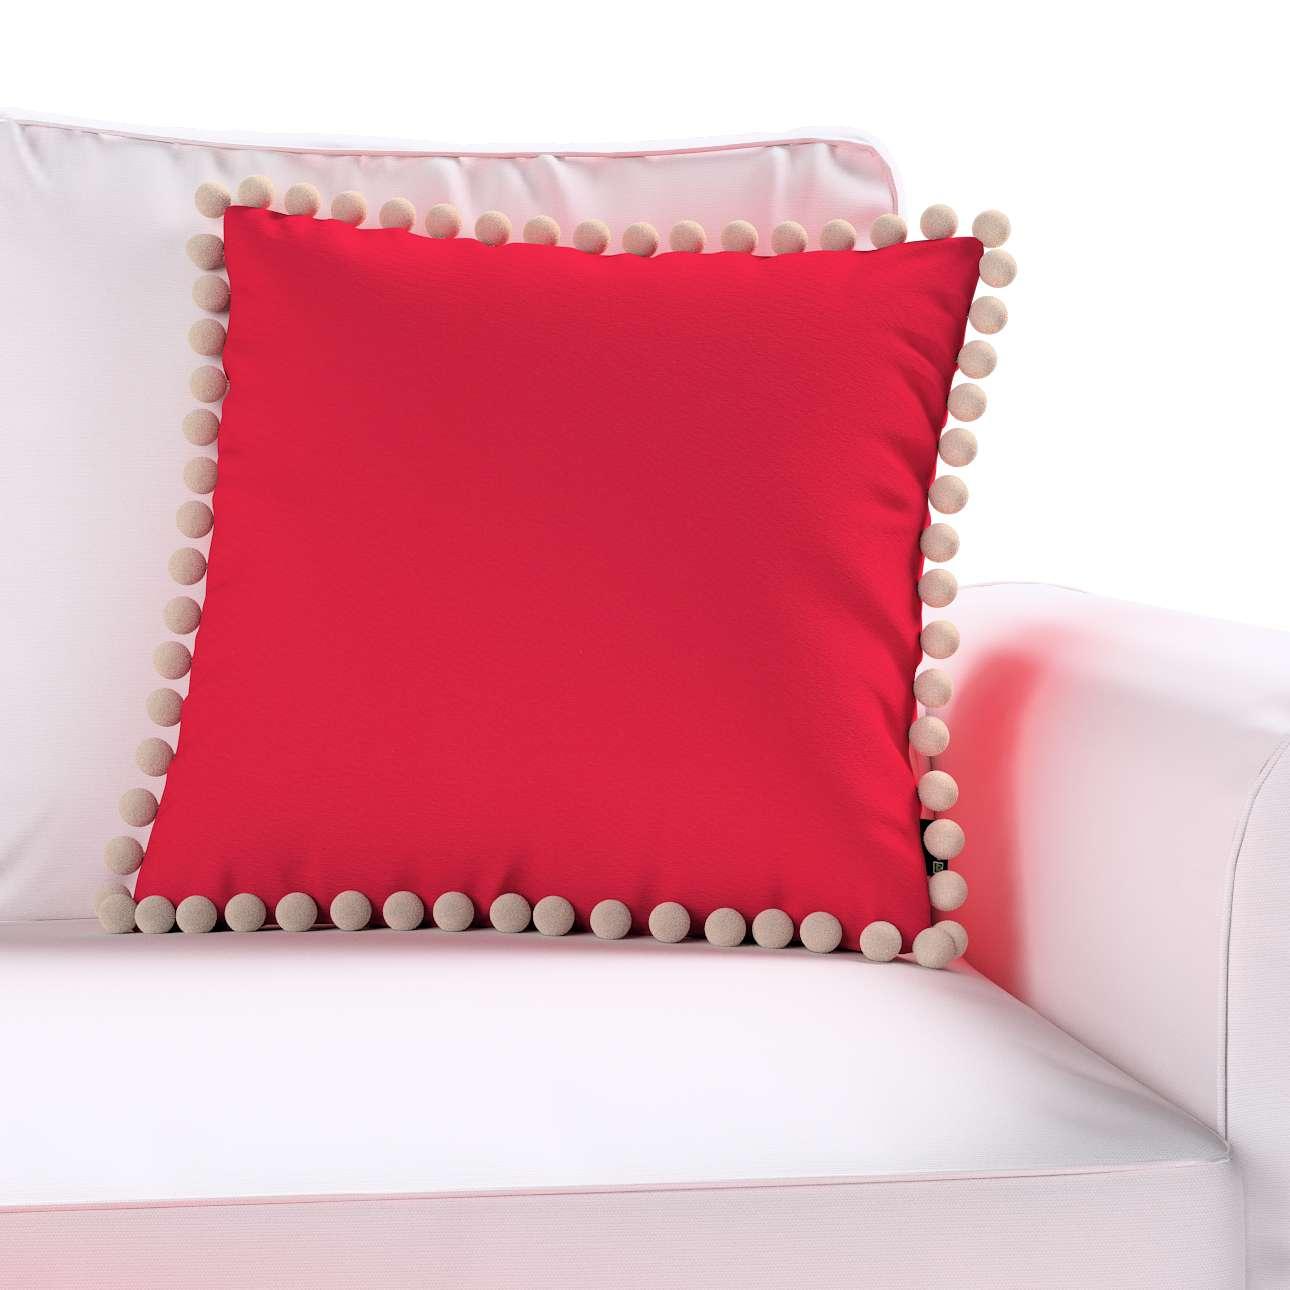 Poszewka Wera na poduszkę 45 x 45 cm w kolekcji Quadro, tkanina: 136-19